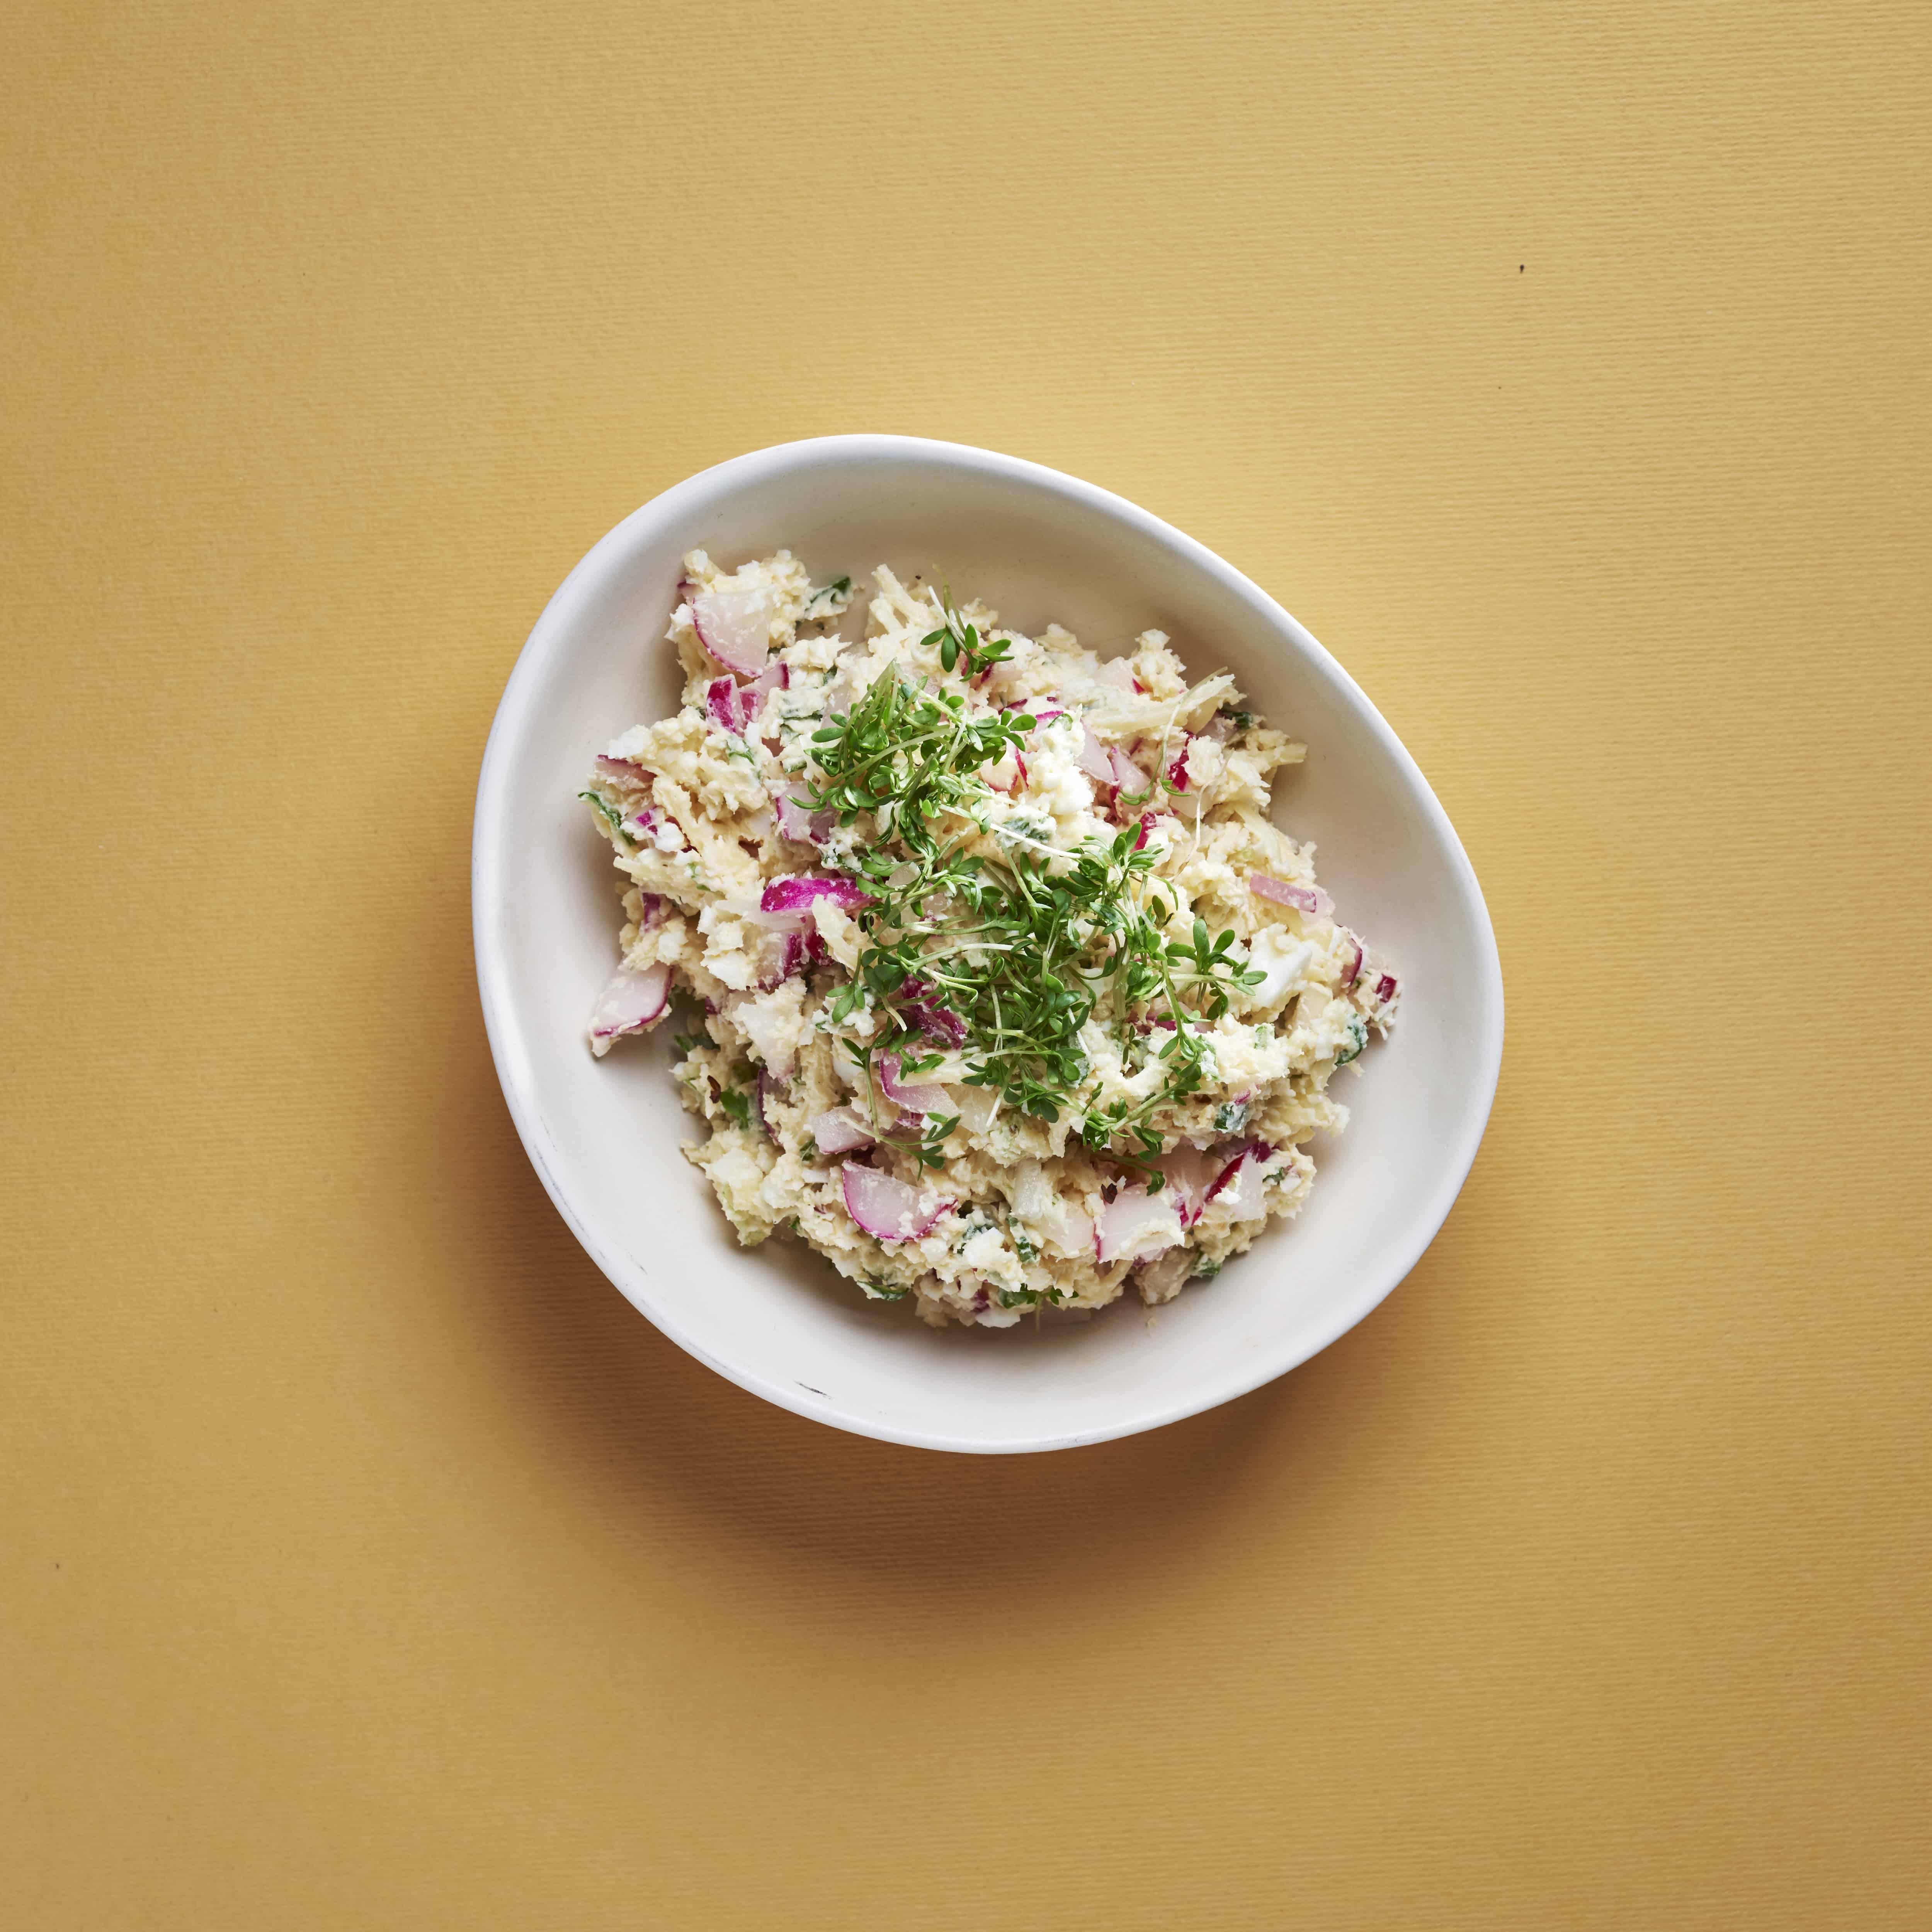 Prečo sú nátierky zdravou voľbou + 3 skvelé domáce recepty